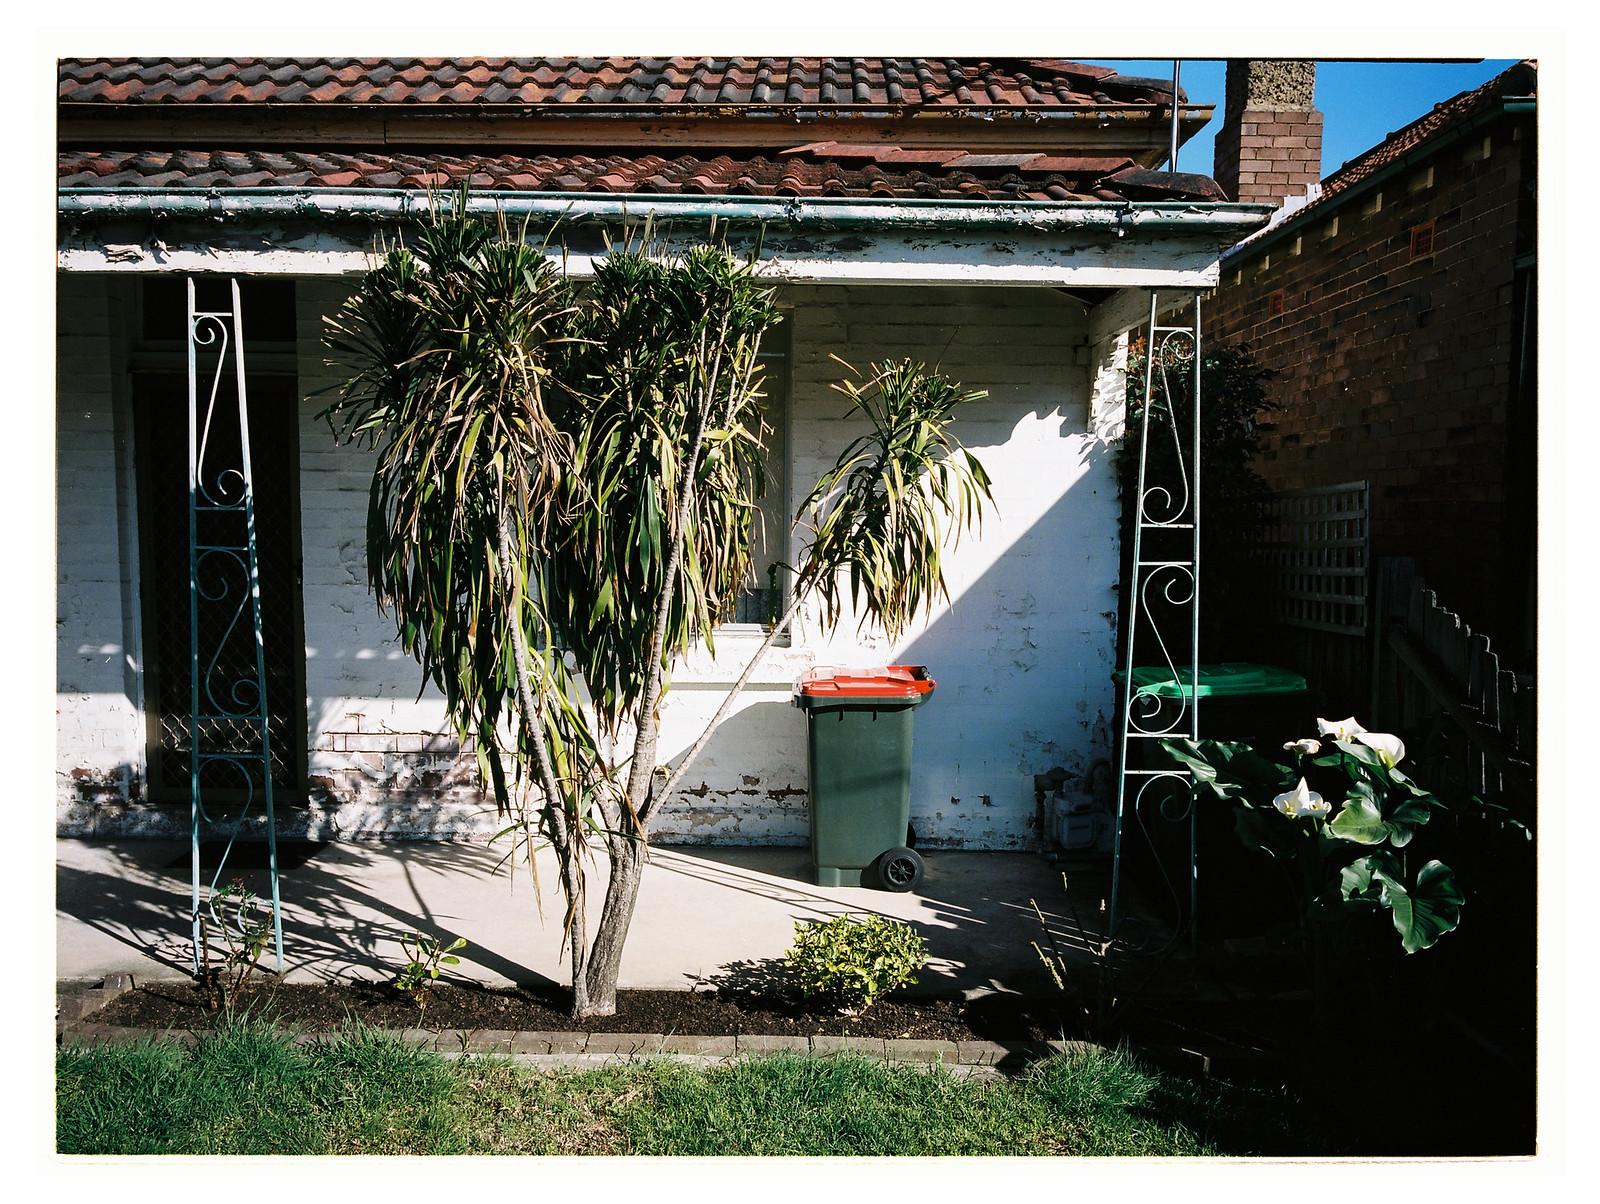 Parramatta iii